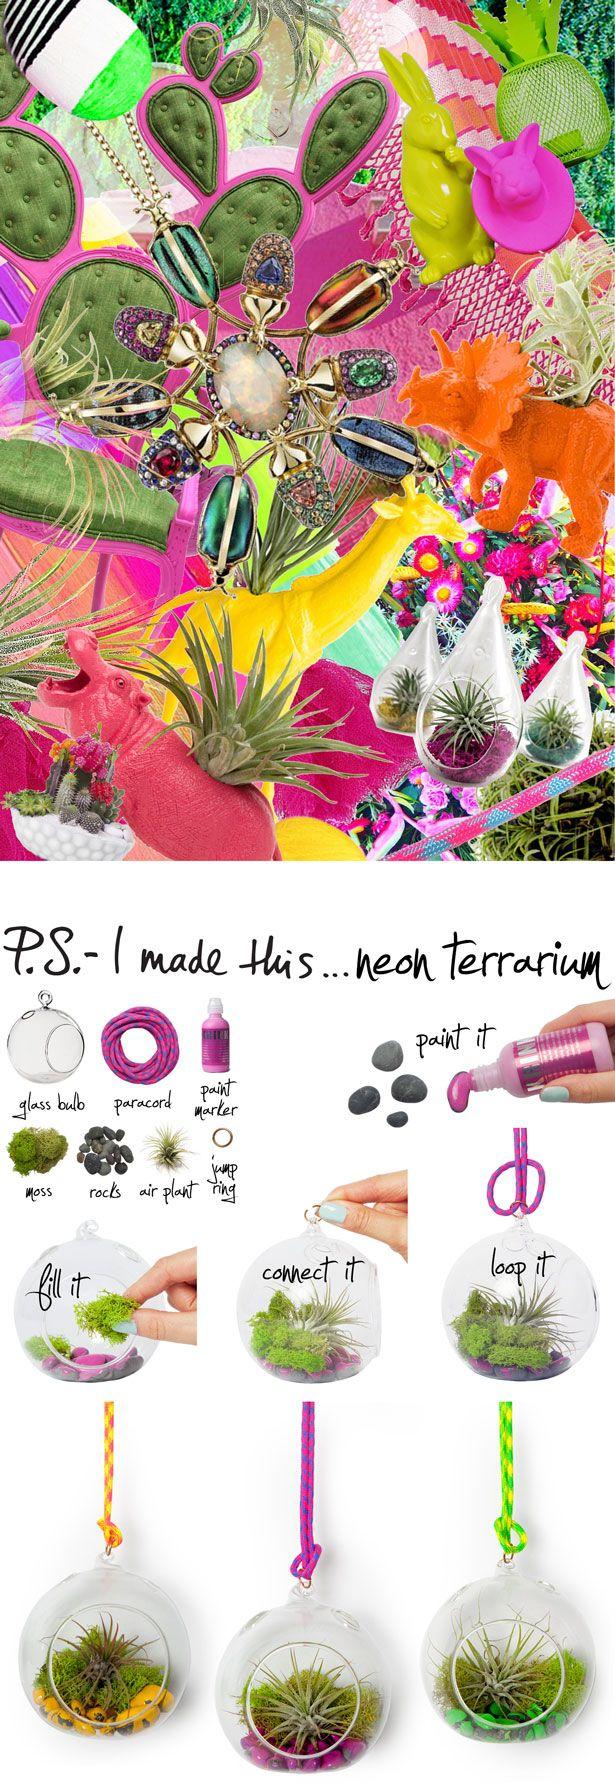 Neon Terrarium - P.S. - I Made This...